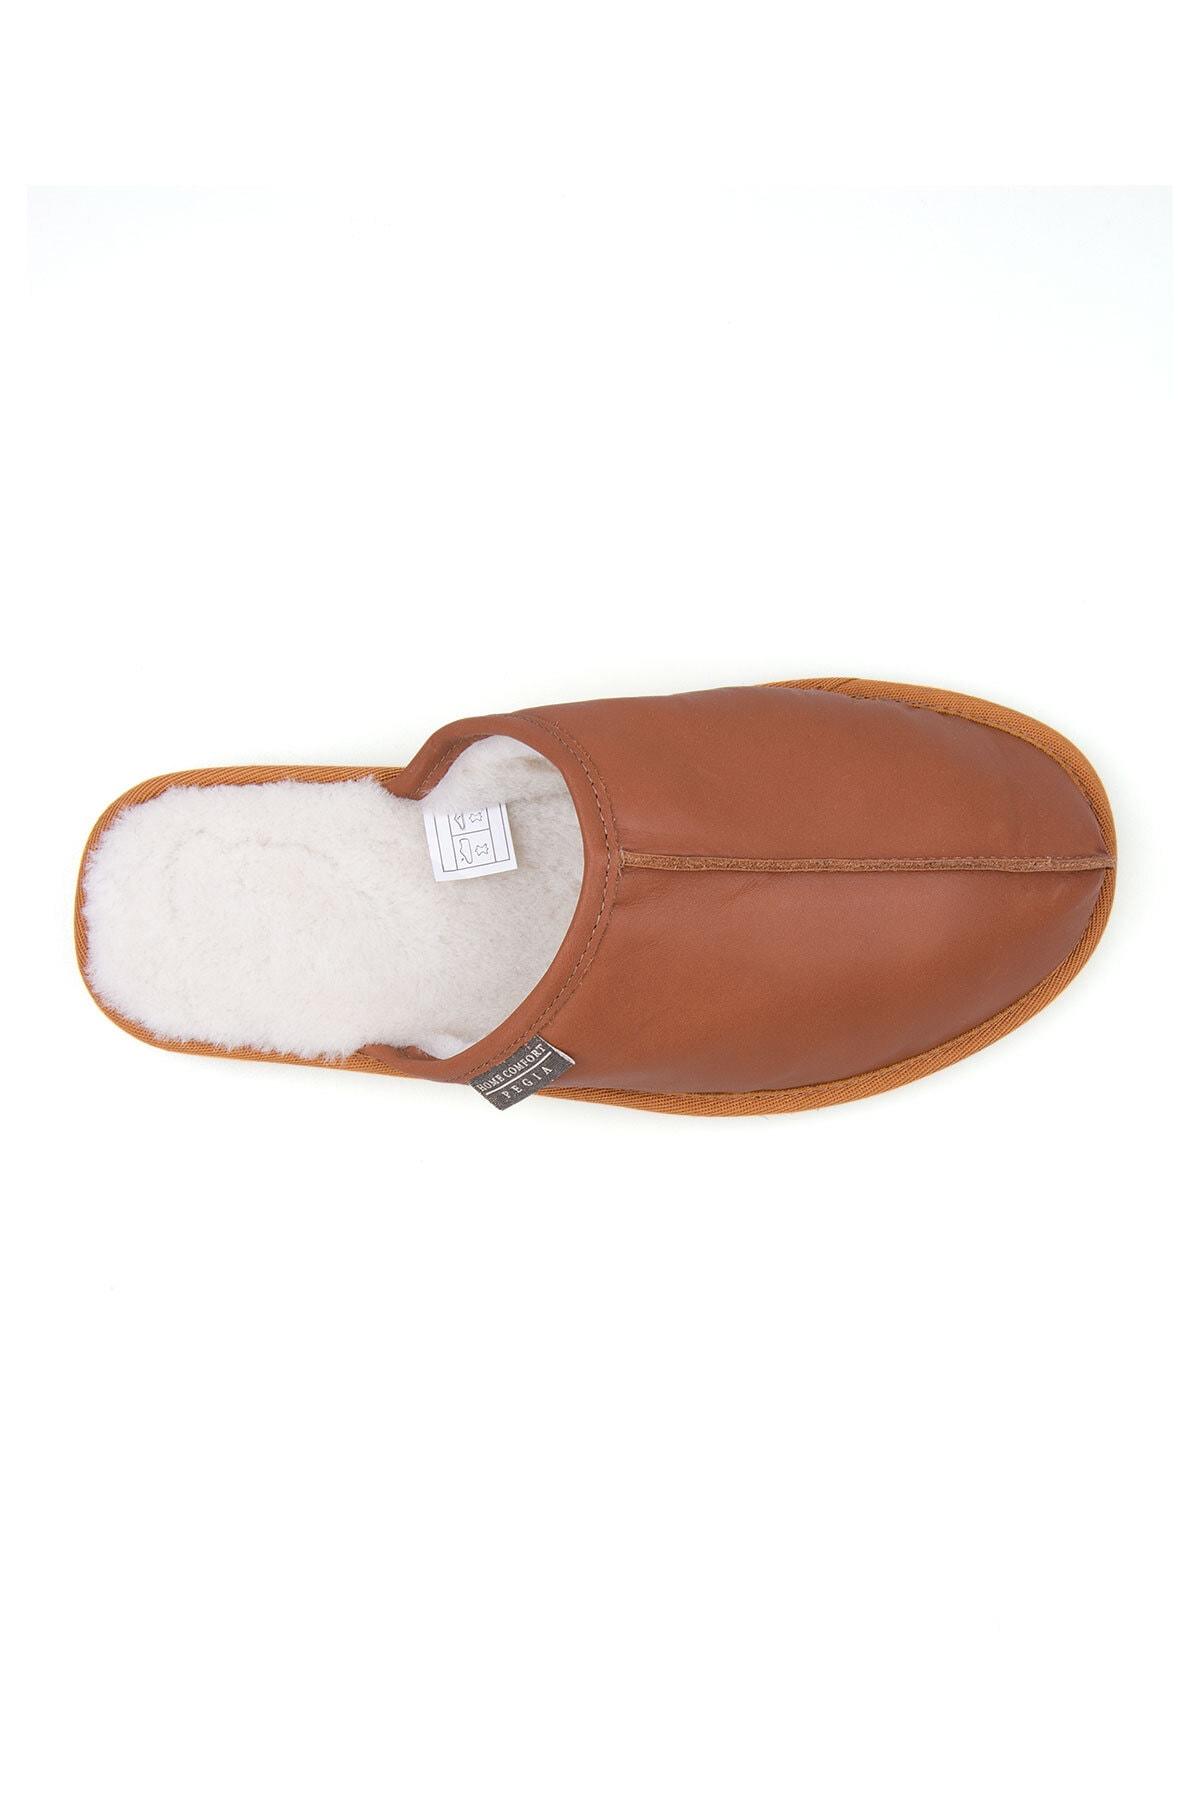 Pegia Erkek Taba Deri Kürklü Ev Ayakkabısı 111012 3